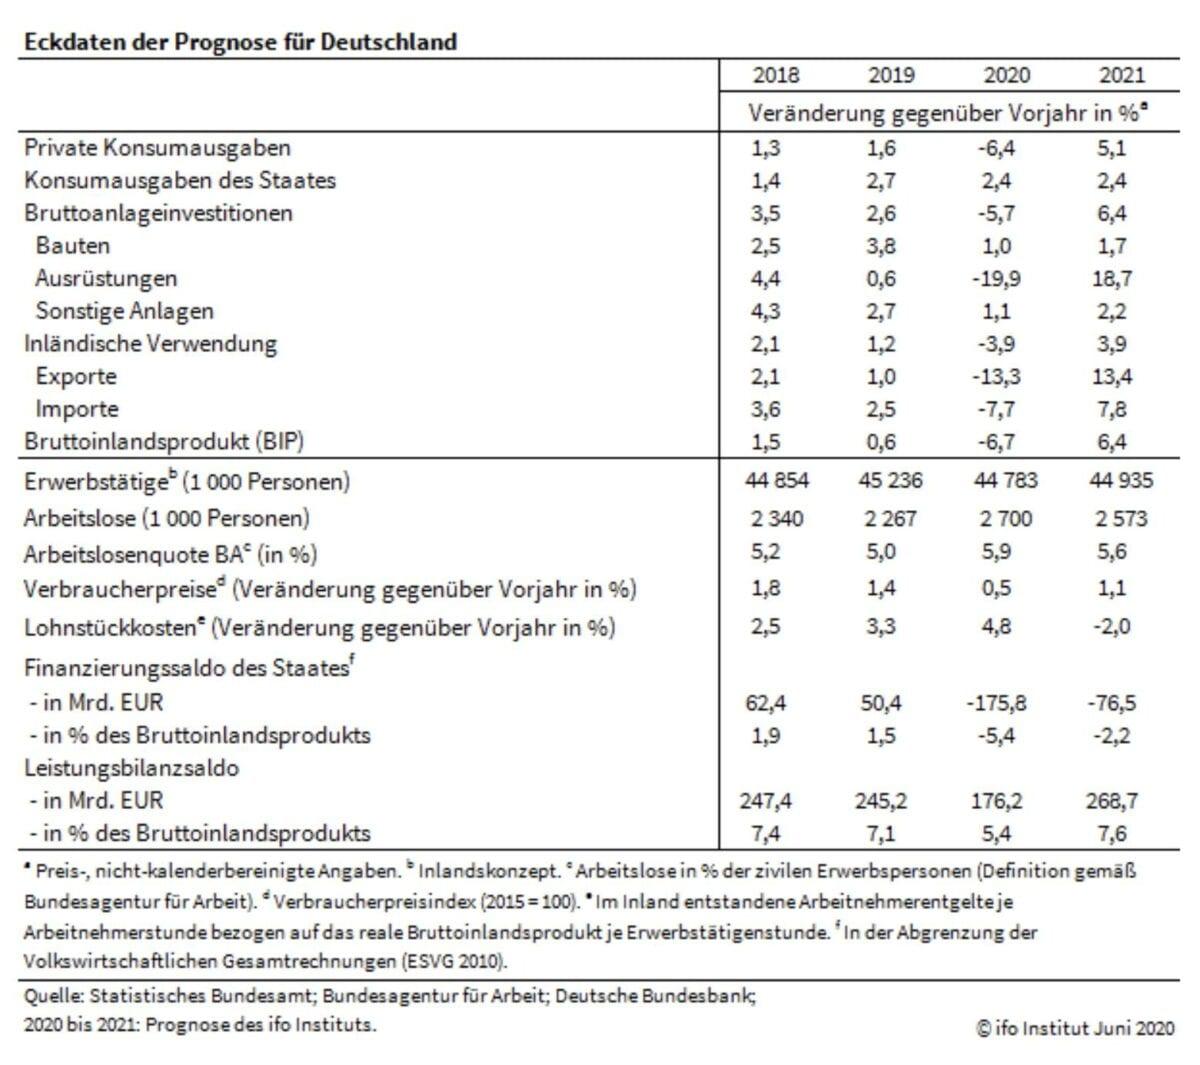 Datenblatt des ifo-Instituts mit Prognose-Infos